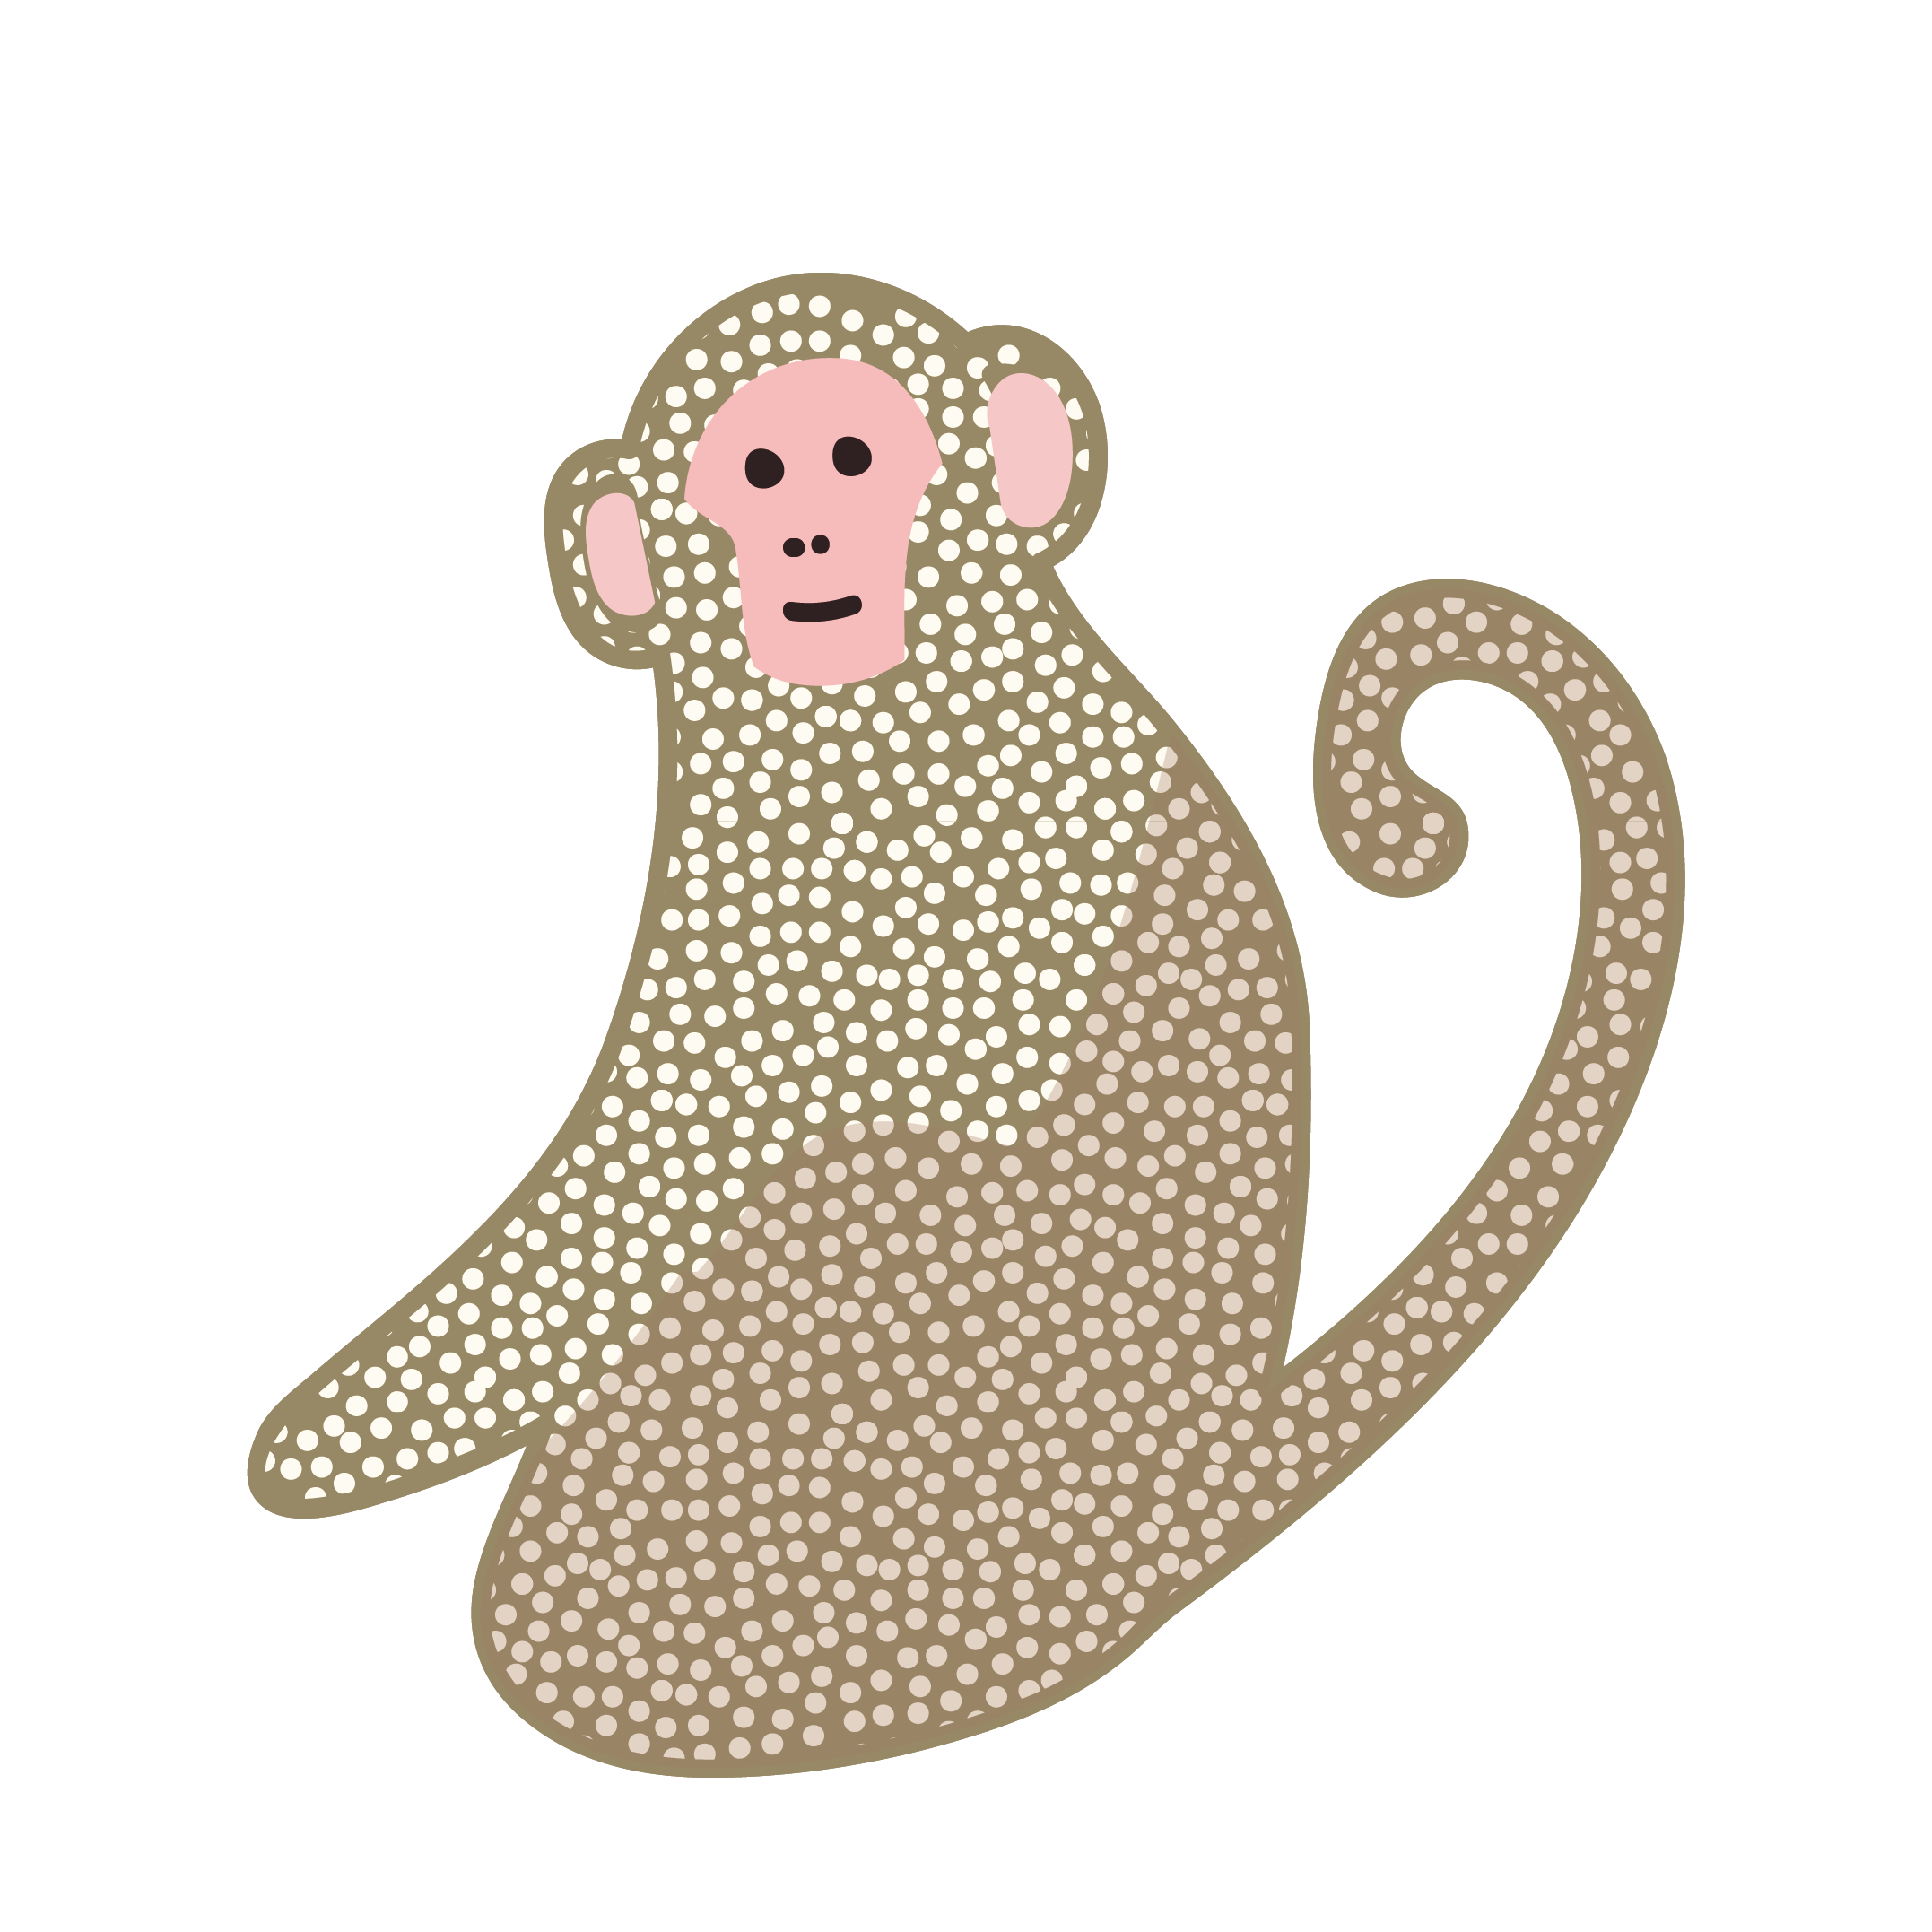 おしゃれでかわいい♪猿(サル・モンキー)のイラスト【動物】 | 商用